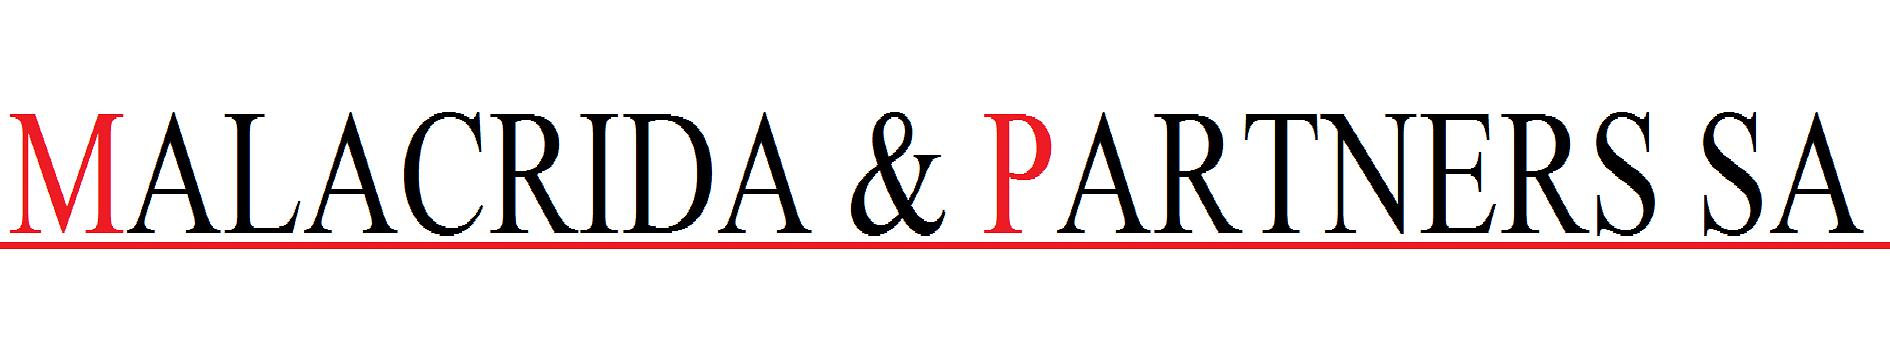 Malacrida & Partners SA